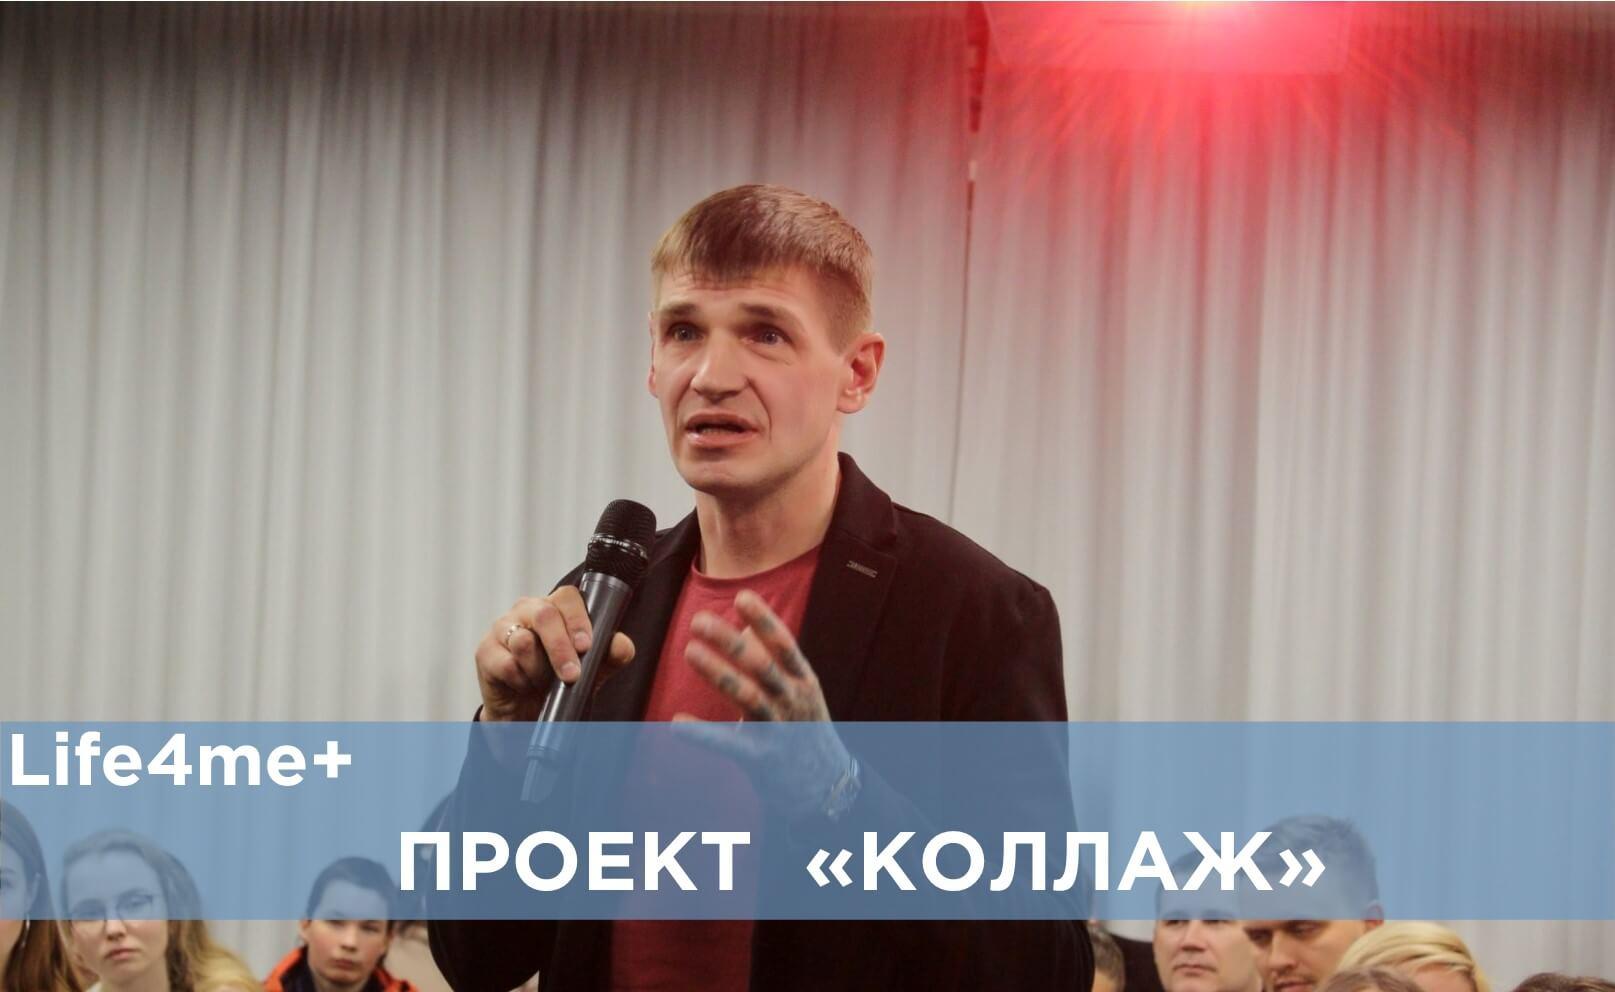 """Коллаж: """"Лишь отдавая, мы получаем"""", - Дмитрий Темерханов - изображение 1"""